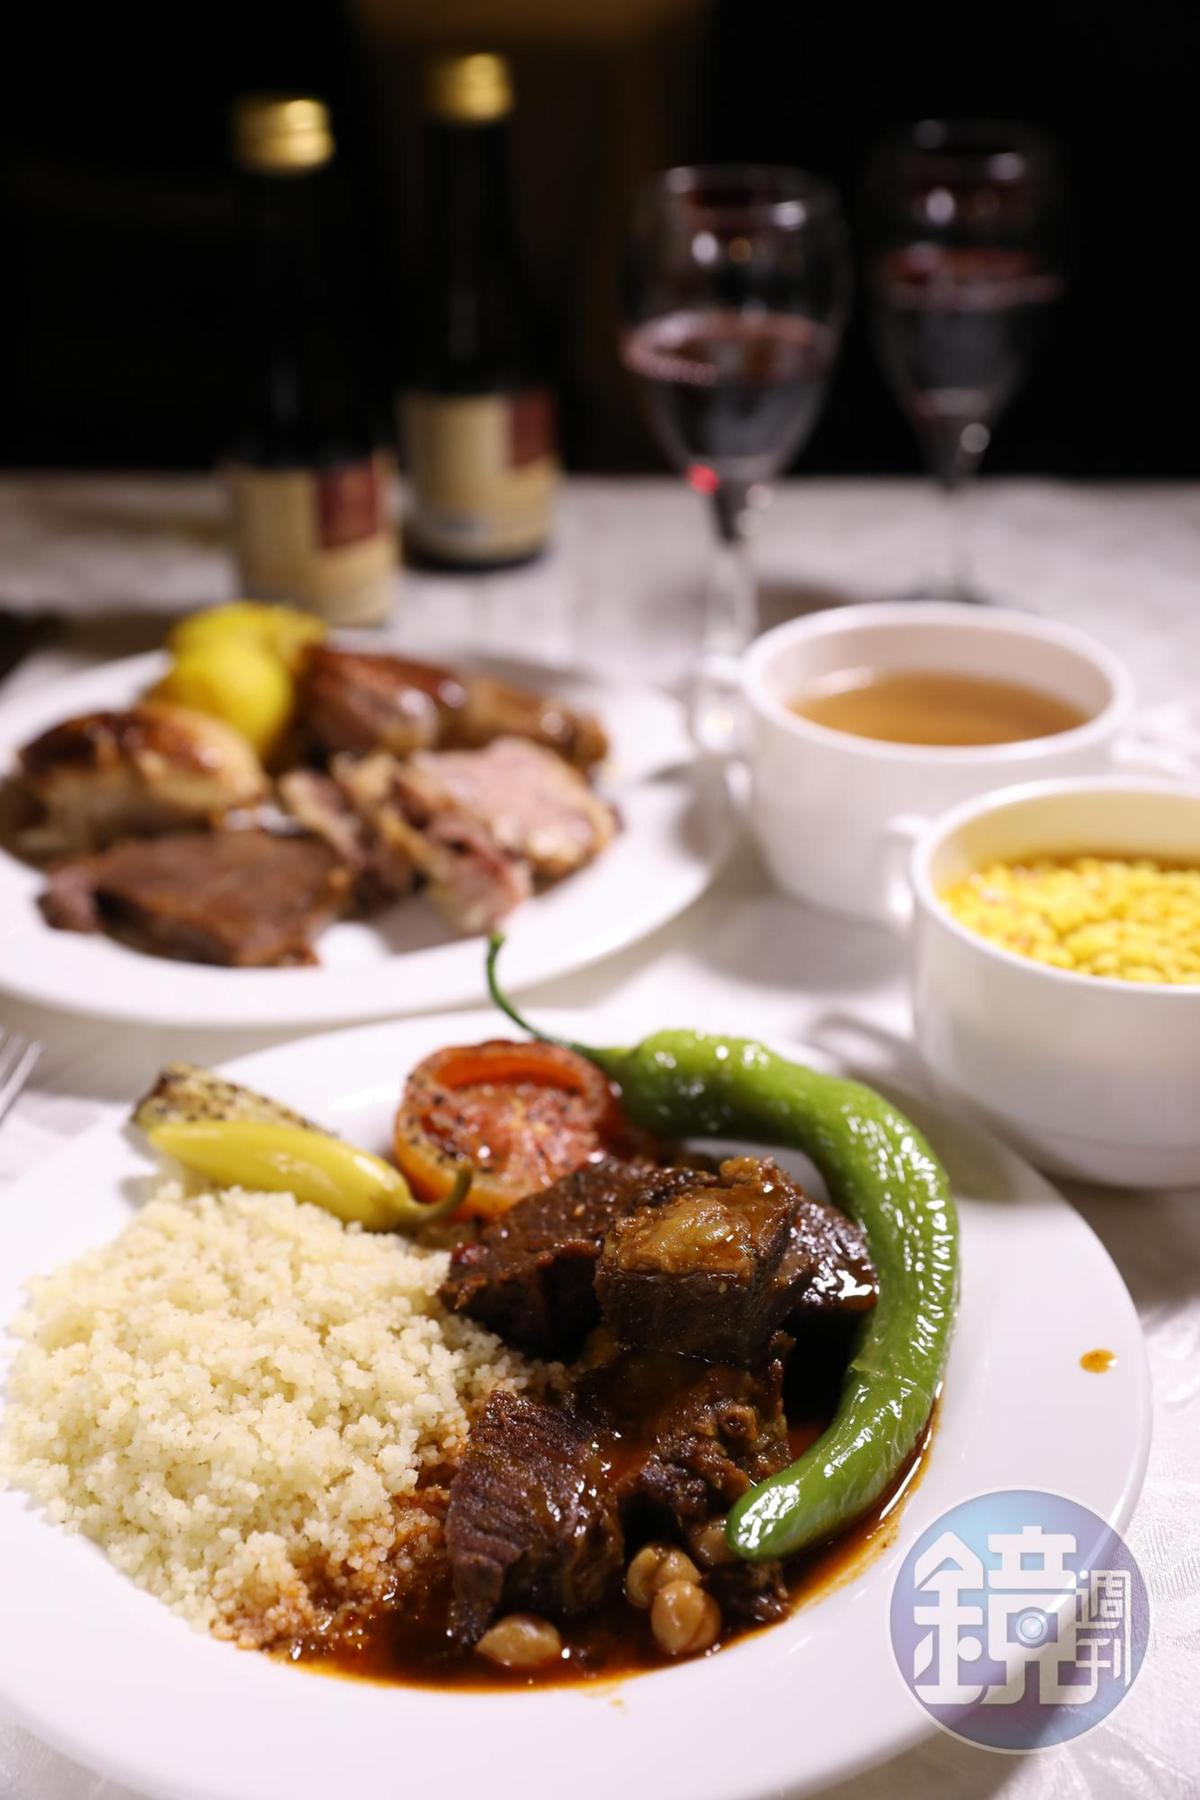 大塊牛羊肉配蒸製粗麥粉Couscous便是一頓以色列人的大餐。